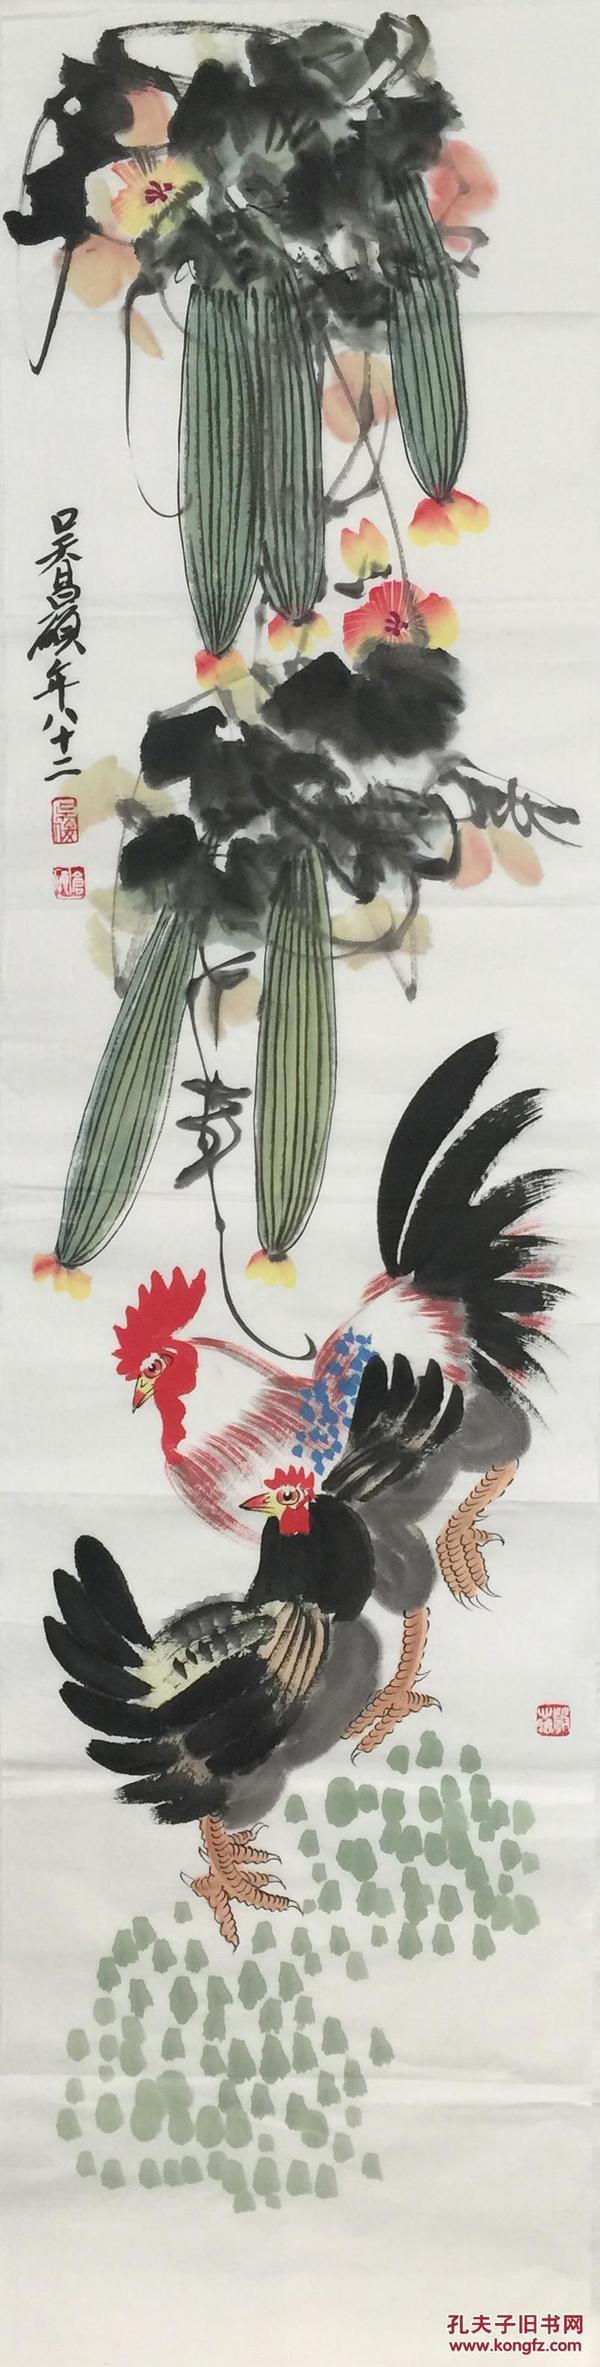 ★【顺丰包邮】【吴昌硕】著名国画大师、四尺条屏手绘画(138*34cm)1买家自鉴